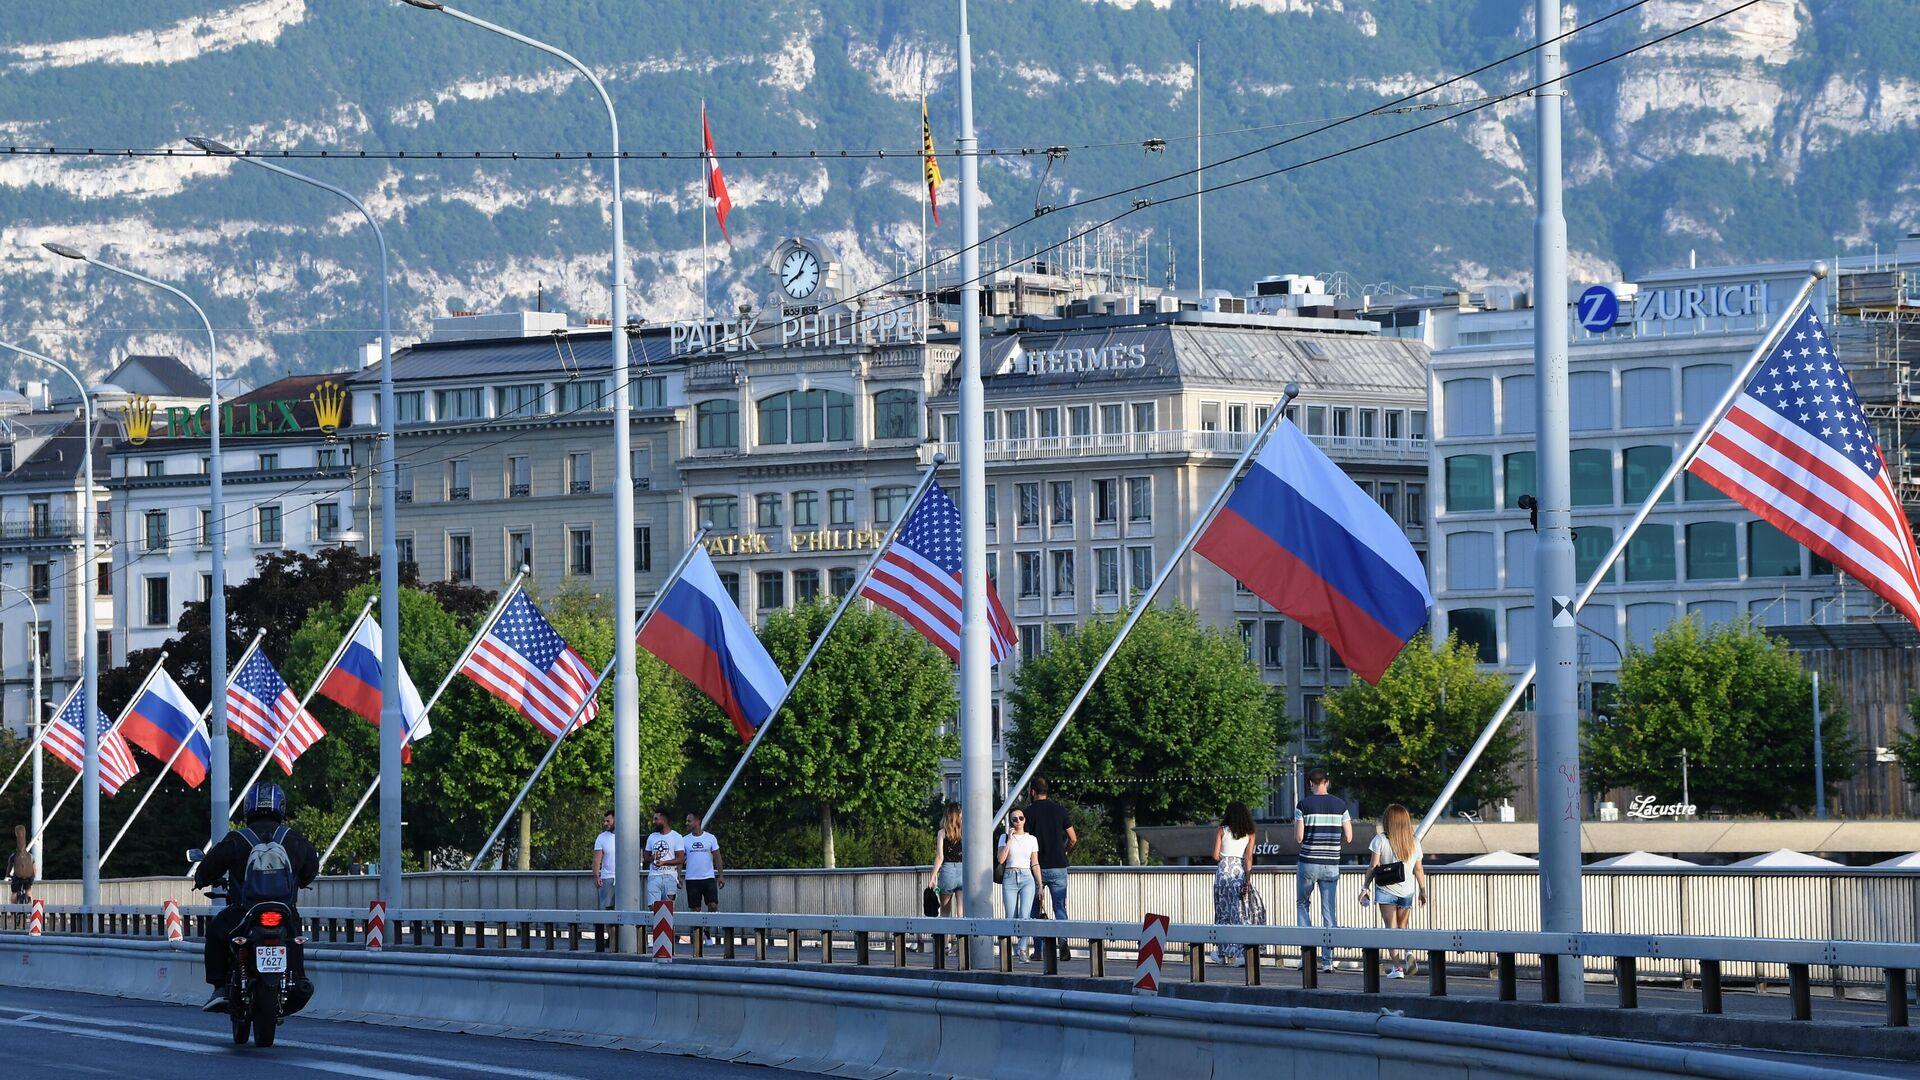 Женева в преддверии саммита президента России В. Путина и президента США Дж. Байдена - Sputnik Узбекистан, 1920, 21.07.2021